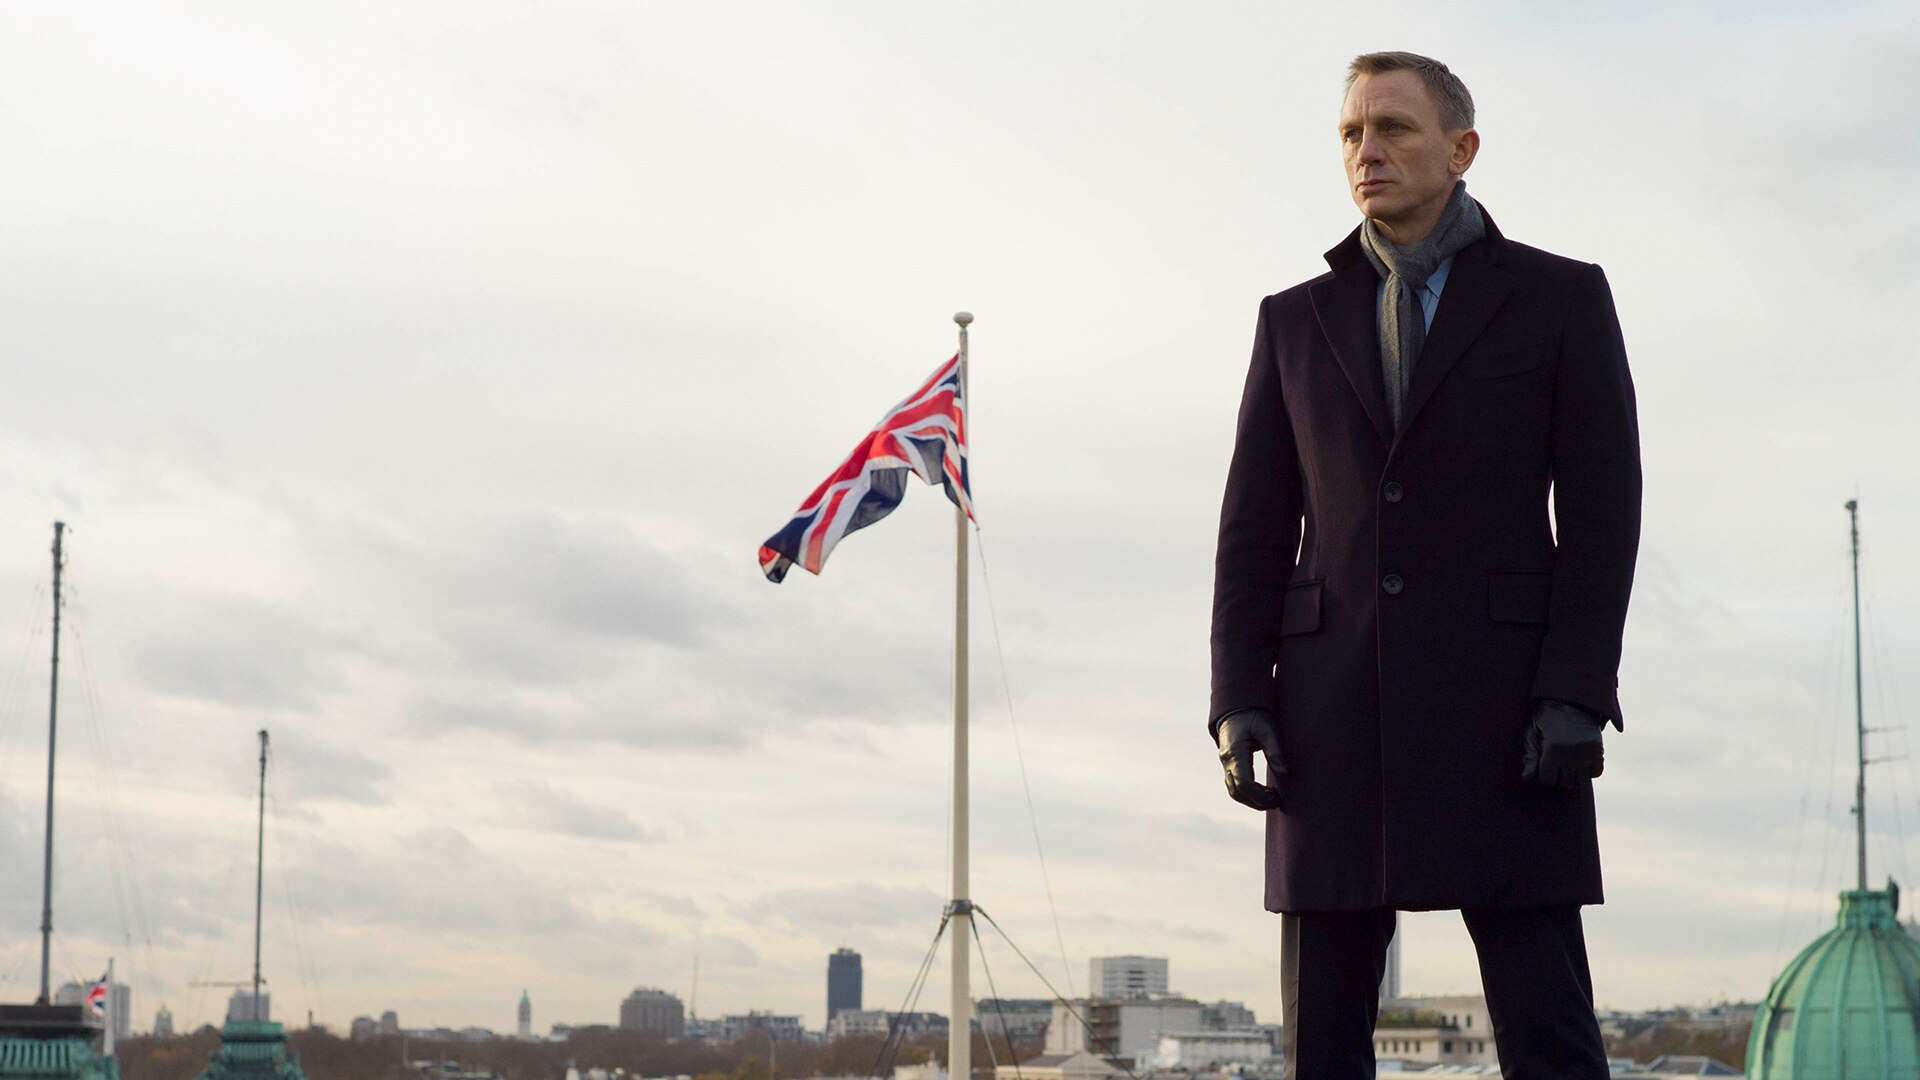 Top Ten: James Bond